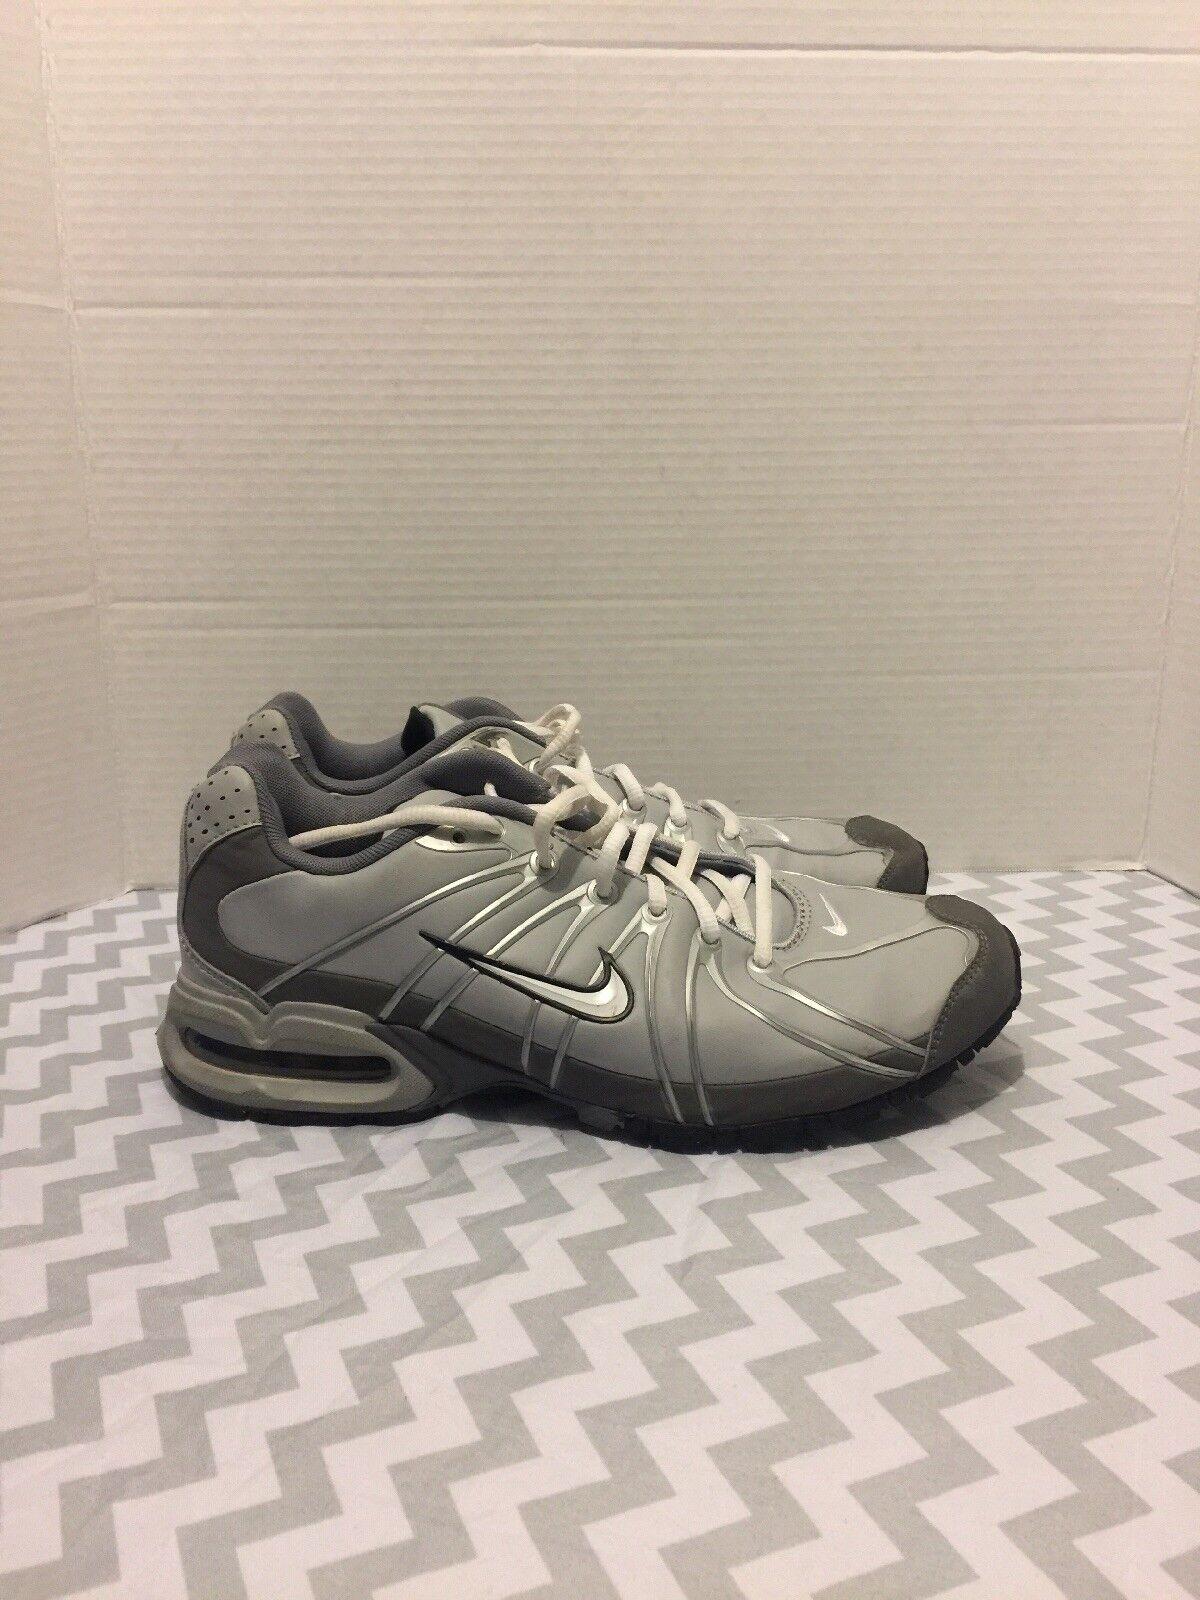 Nike Womens Air Max Size 9.5